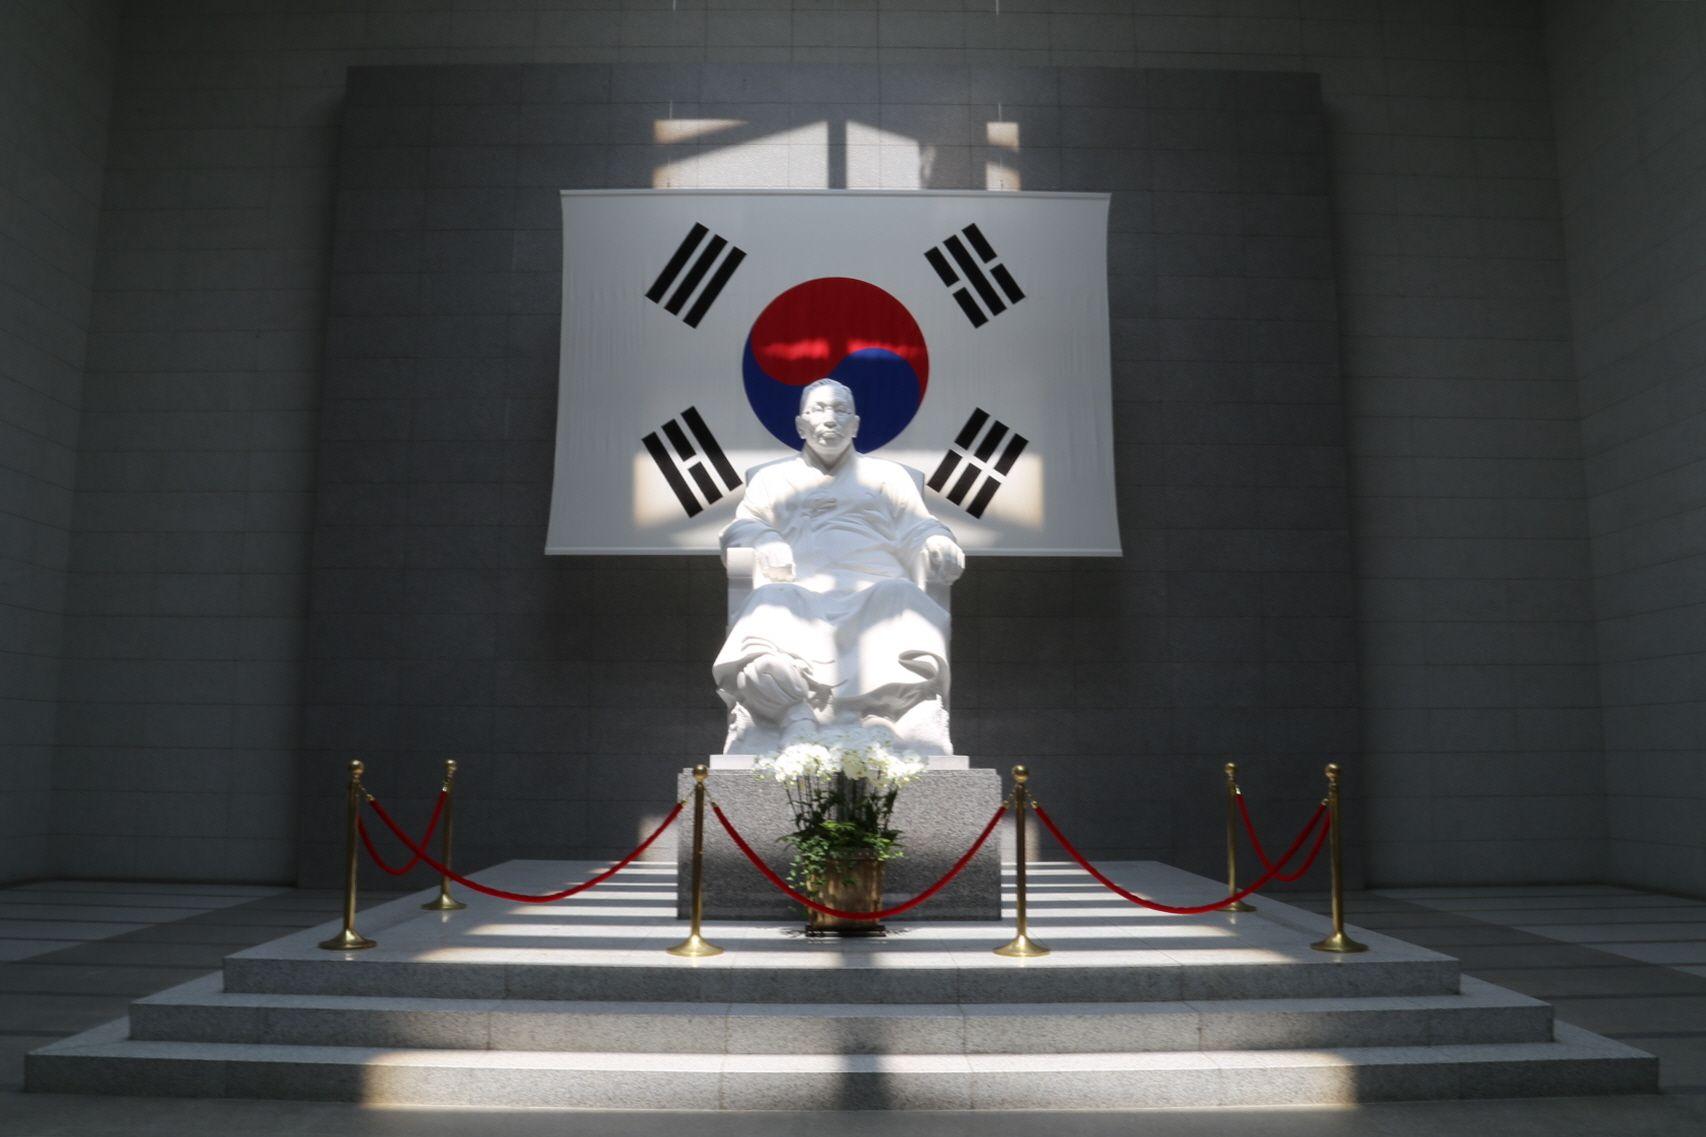 백범김구기념관과 체형교정강의 Kim Koo Museum &  Body Correction Lecture  백범김구기념관에서  대한한의 동통학회 2013년 2차 심화워크샵-  통증과 체형교정에 관한 매선요법과 침도요법의 활용 에 대한 강의를 2013년 7월 7일 일요일 오후 1시 에 백범기념관에서 강의를 하였습니다.  http://www.kimkoomuseum.org/eng/museum/museum_lib.html  https://en.wikipedia.org/wiki/Kim_Koo_Museum    우리들한의원 홈피 Wooreedul Korean Medicine Clinic  English HP http://www.iwooridul.com/english  日本語HP http://www.iwooridul.com/japan  中國語 HP http://www.iwooridul.com/chinese  무료앱 free app…